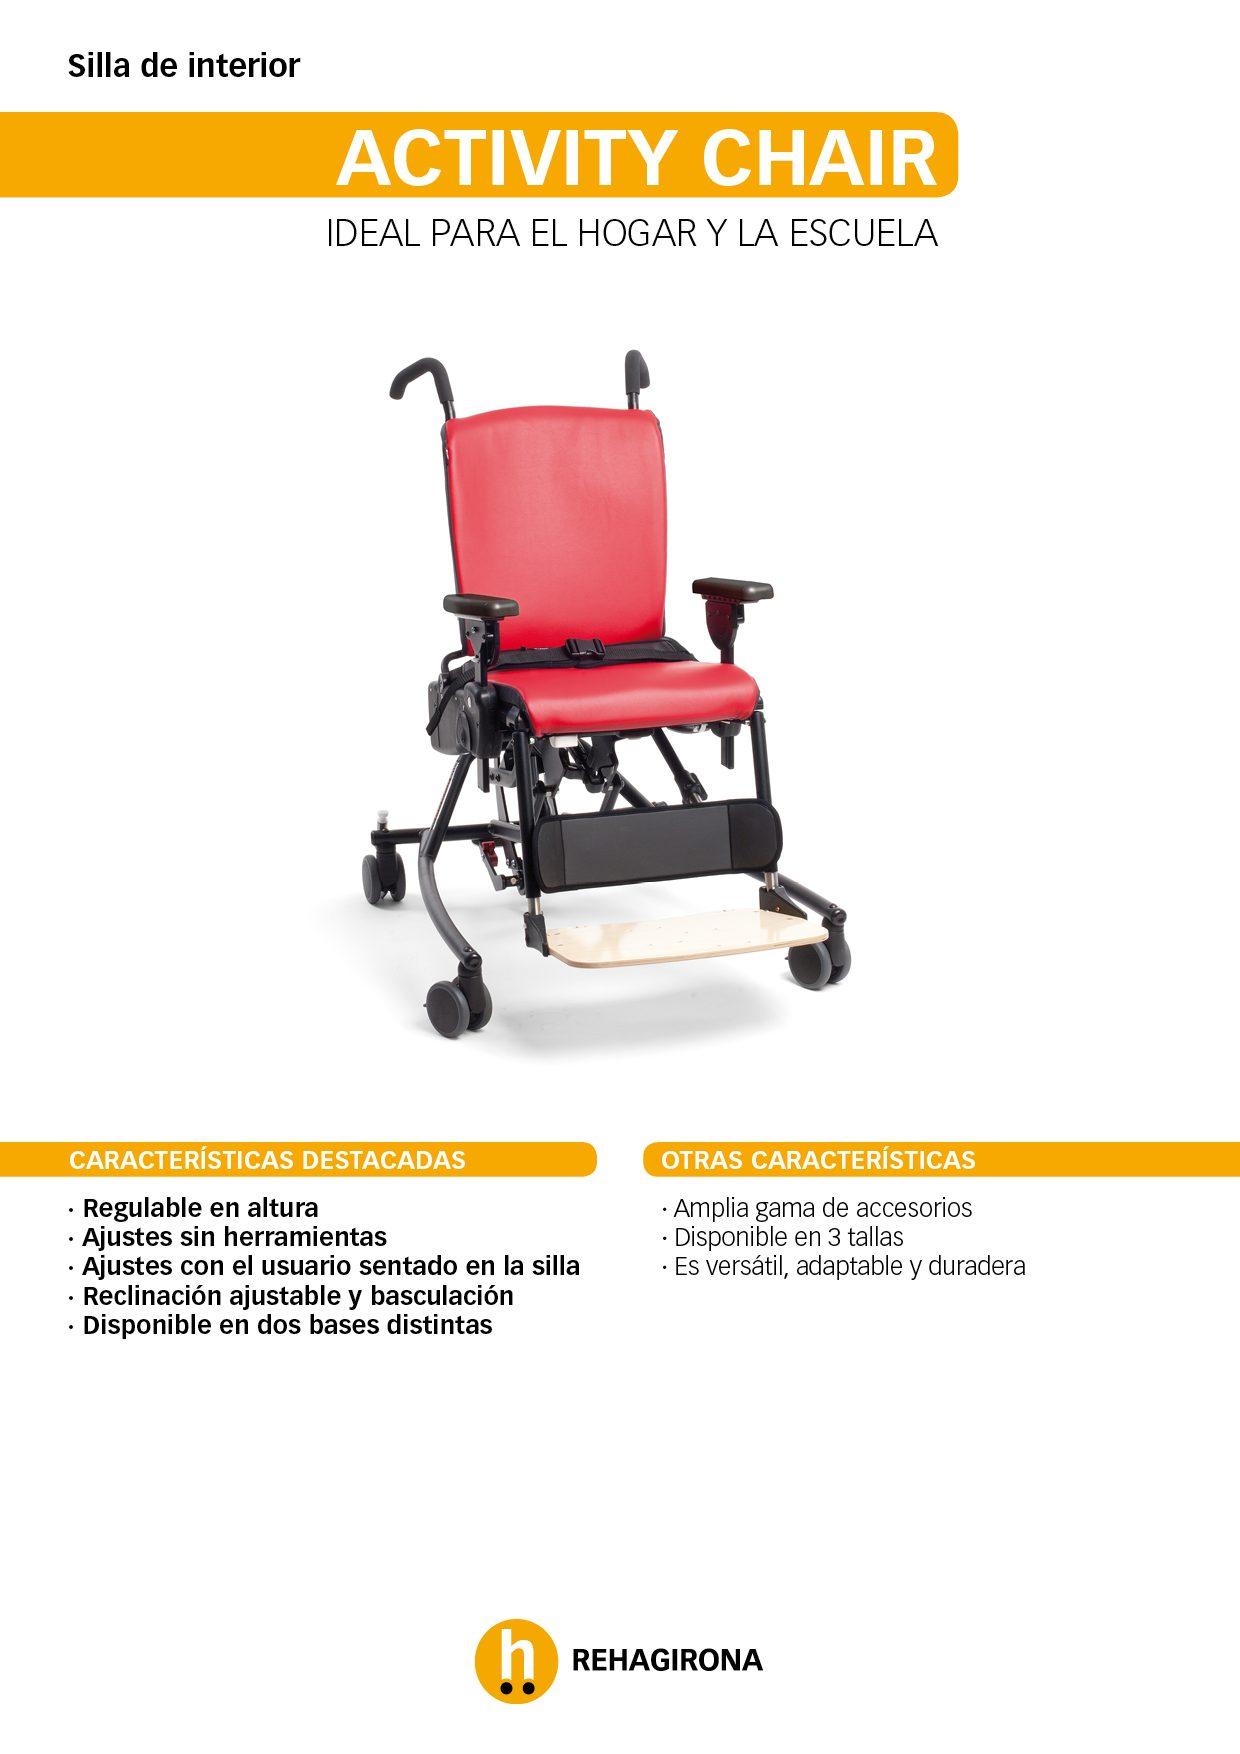 Características y beneficios más destacados de la silla Activity Chair - Rehagirona